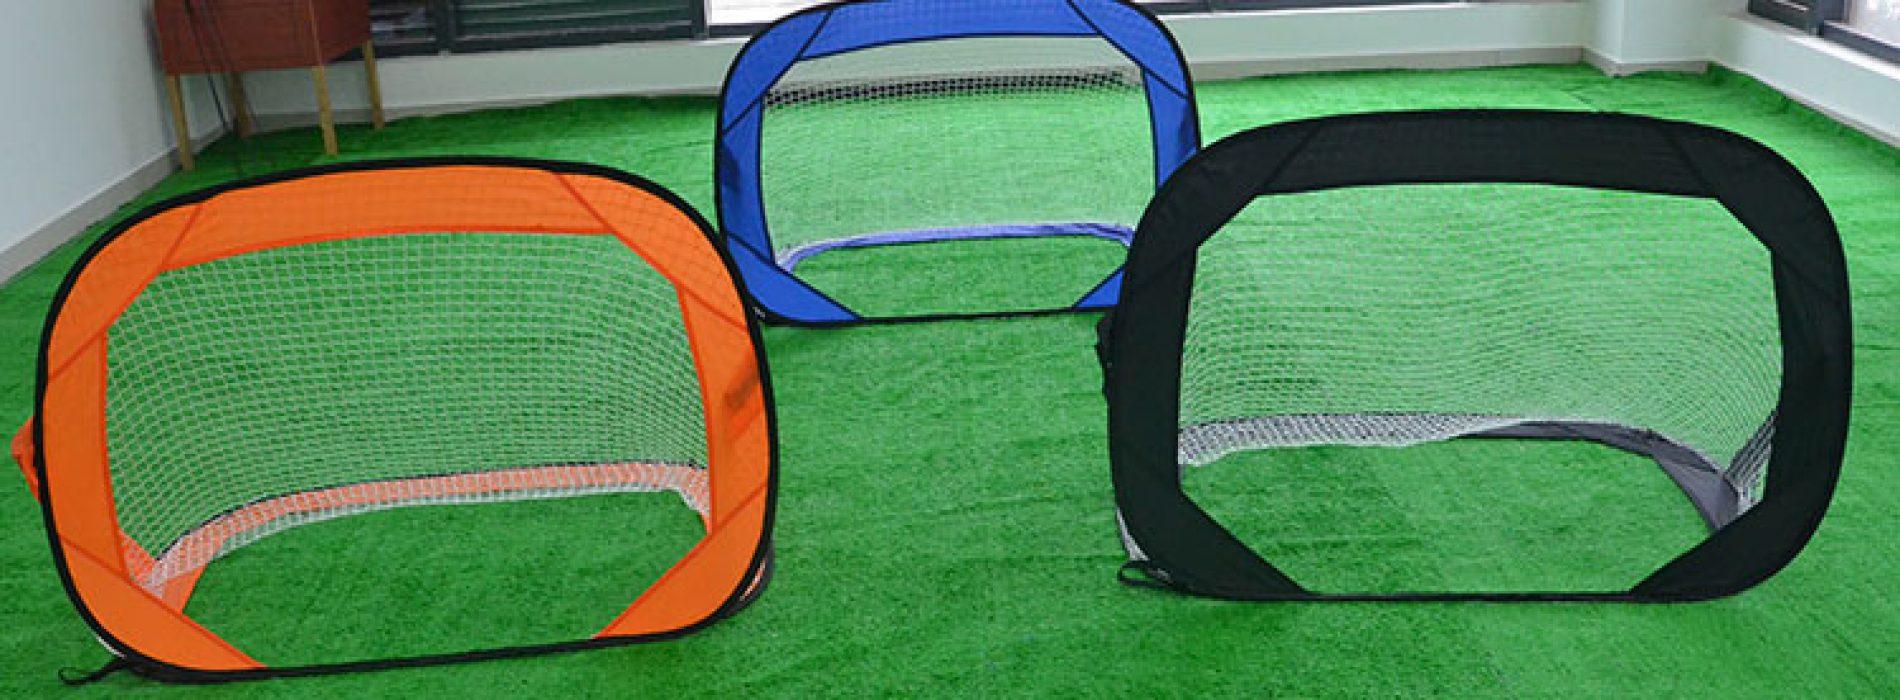 可折疊足球帳篷